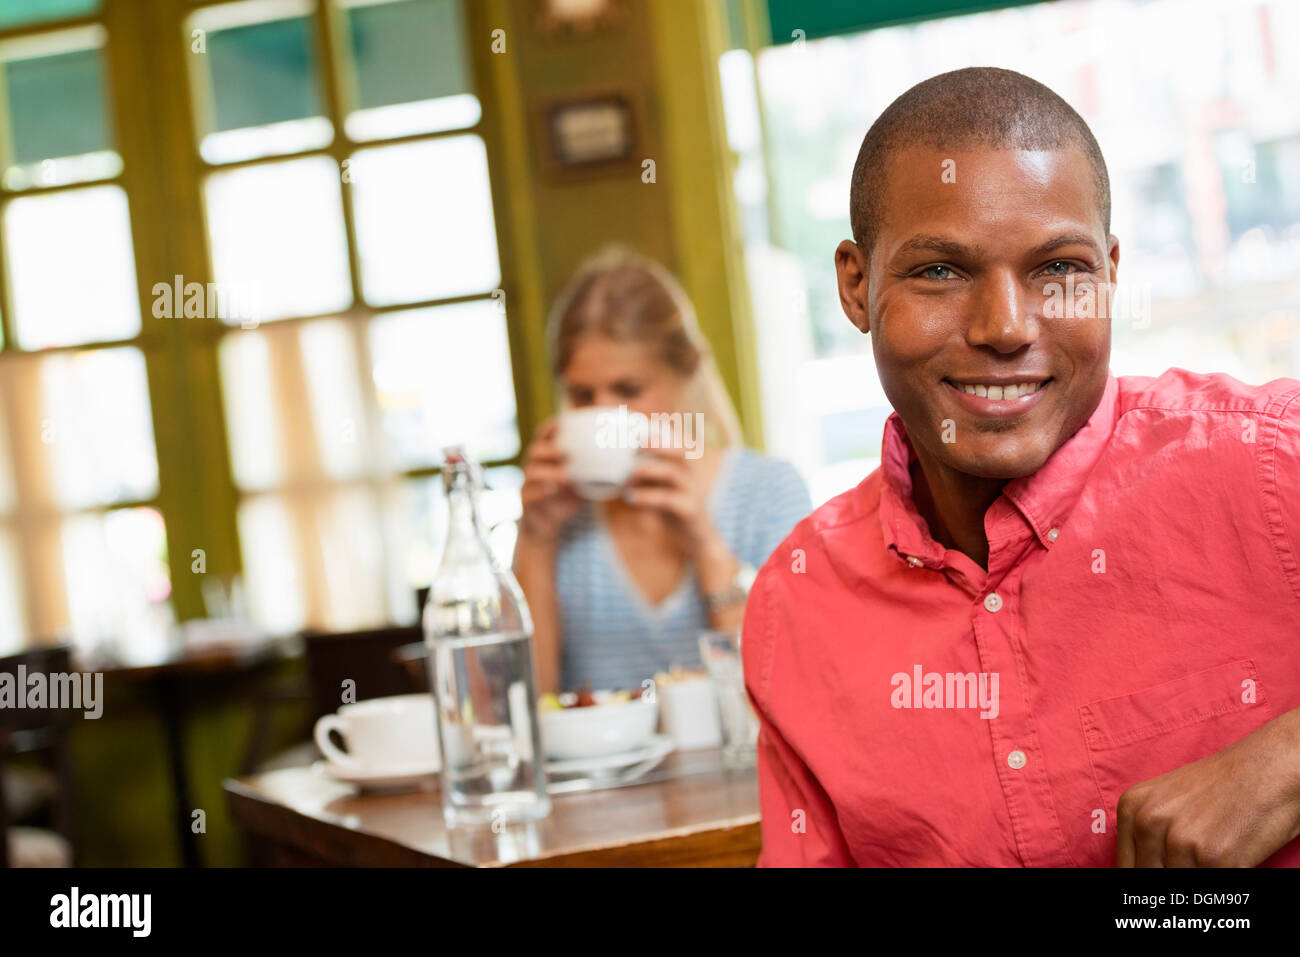 Ein paar in einem Café der Stadt. An einem Tisch sitzen. Eine Frau hält eine Tasse Kaffee. Stockfoto